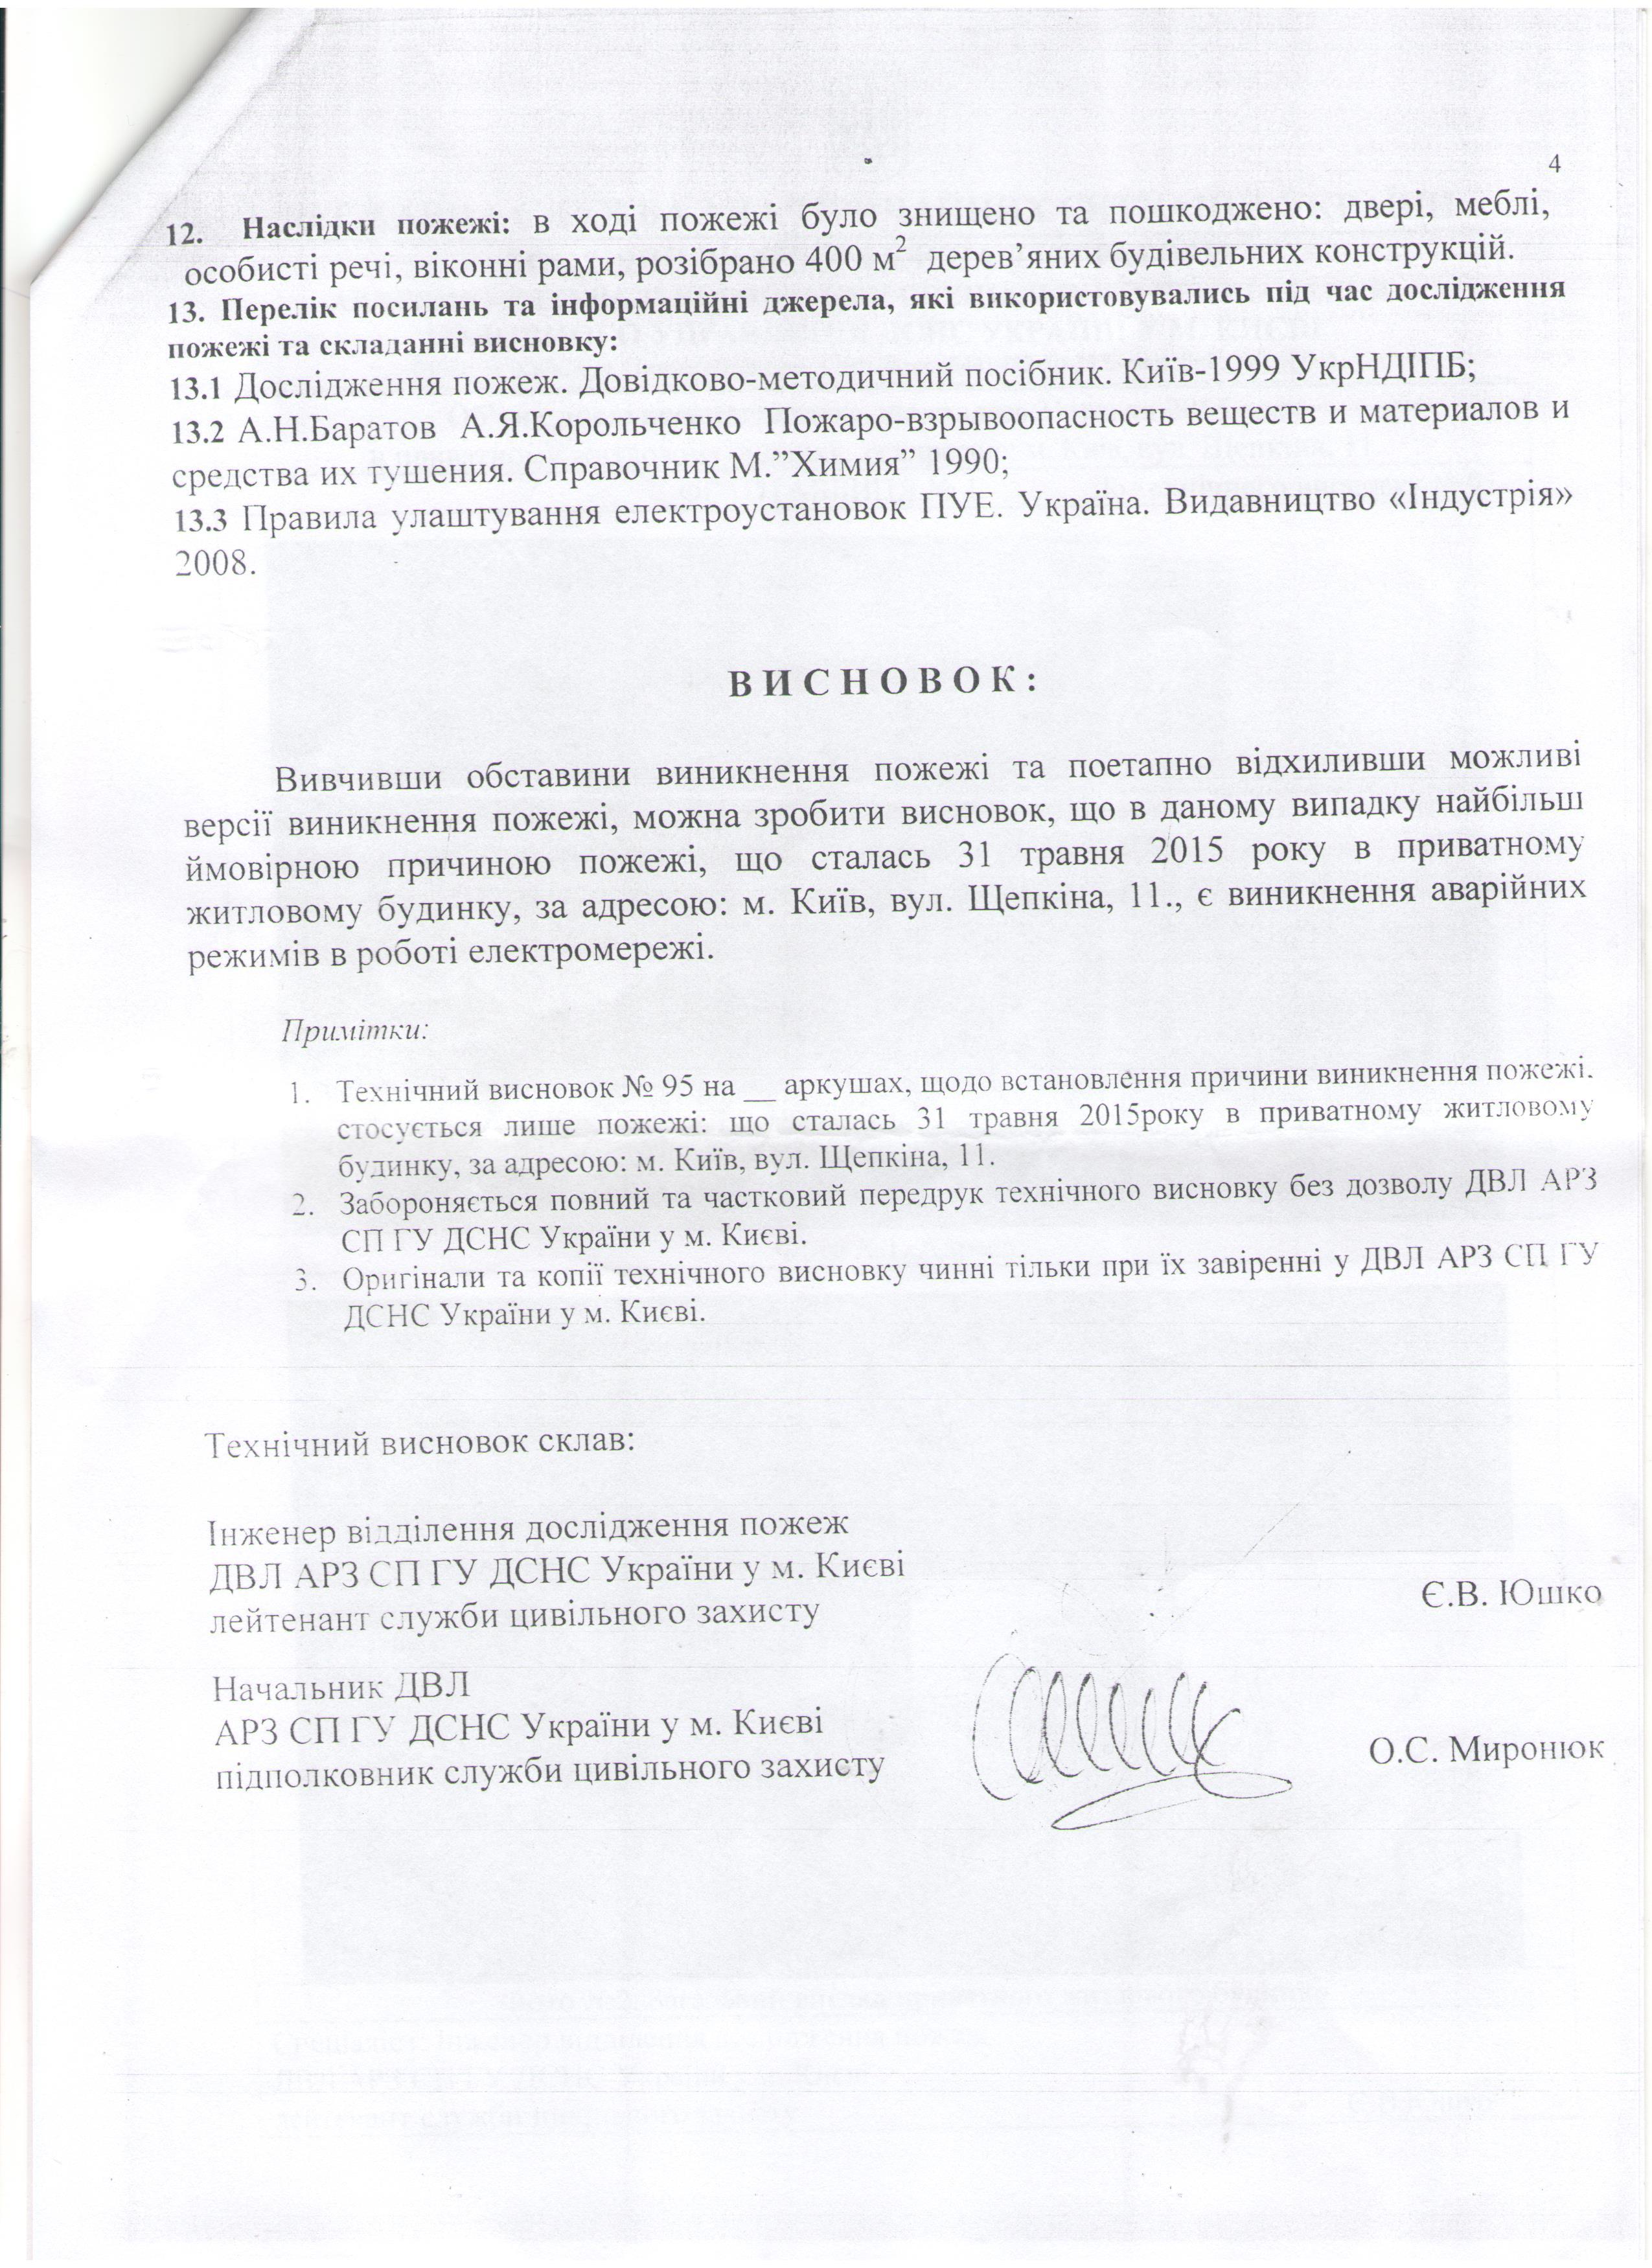 Тех висновок (4ст.)  пожежників по вул Щепкіна,11